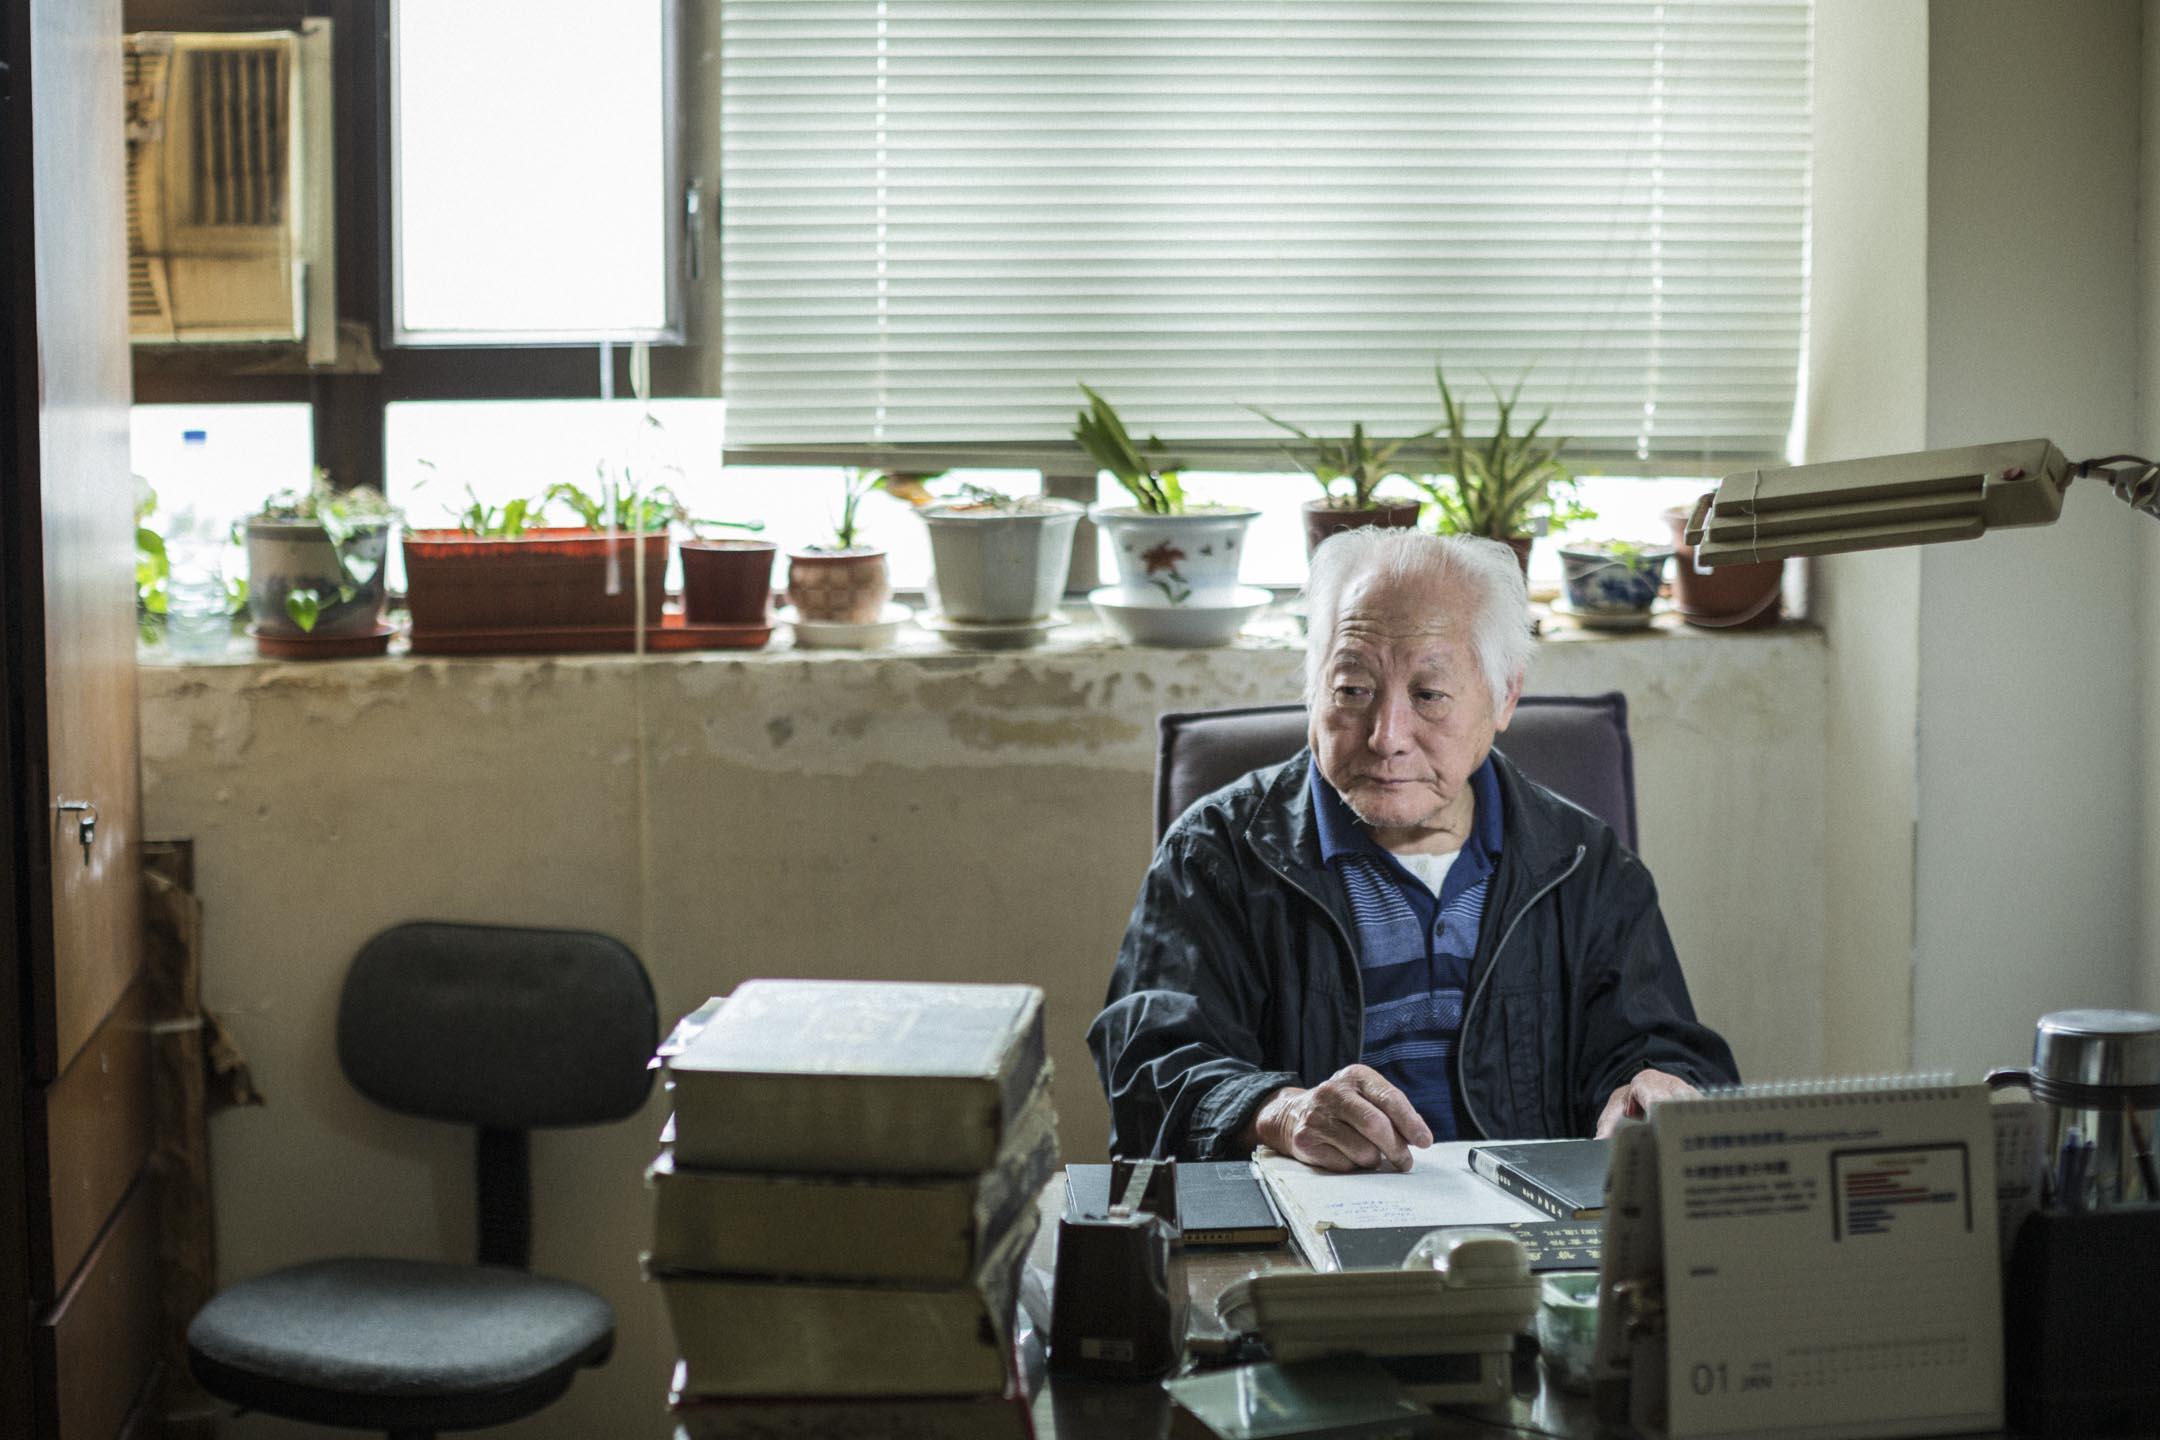 「人人書局」那幾千呎的辦公室裏,平日只有年近九旬的總經理田文忠老先生,每早回到他的總經理辦公室,一個人,在靜靜讀書。 攝:陳焯煇/端傳媒